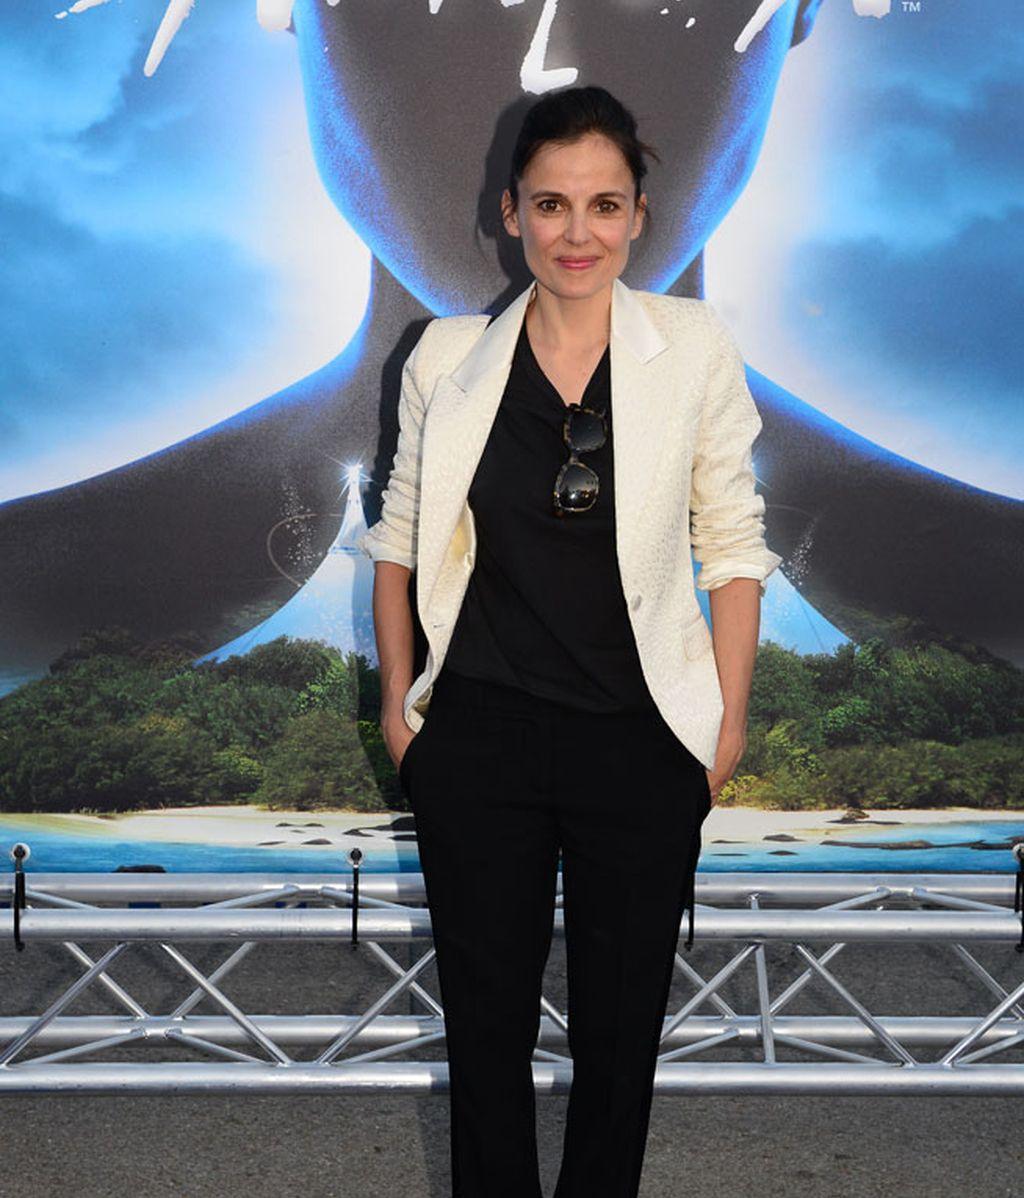 La actriz Elena Anaya rompió el 'look total black' con una americana beige